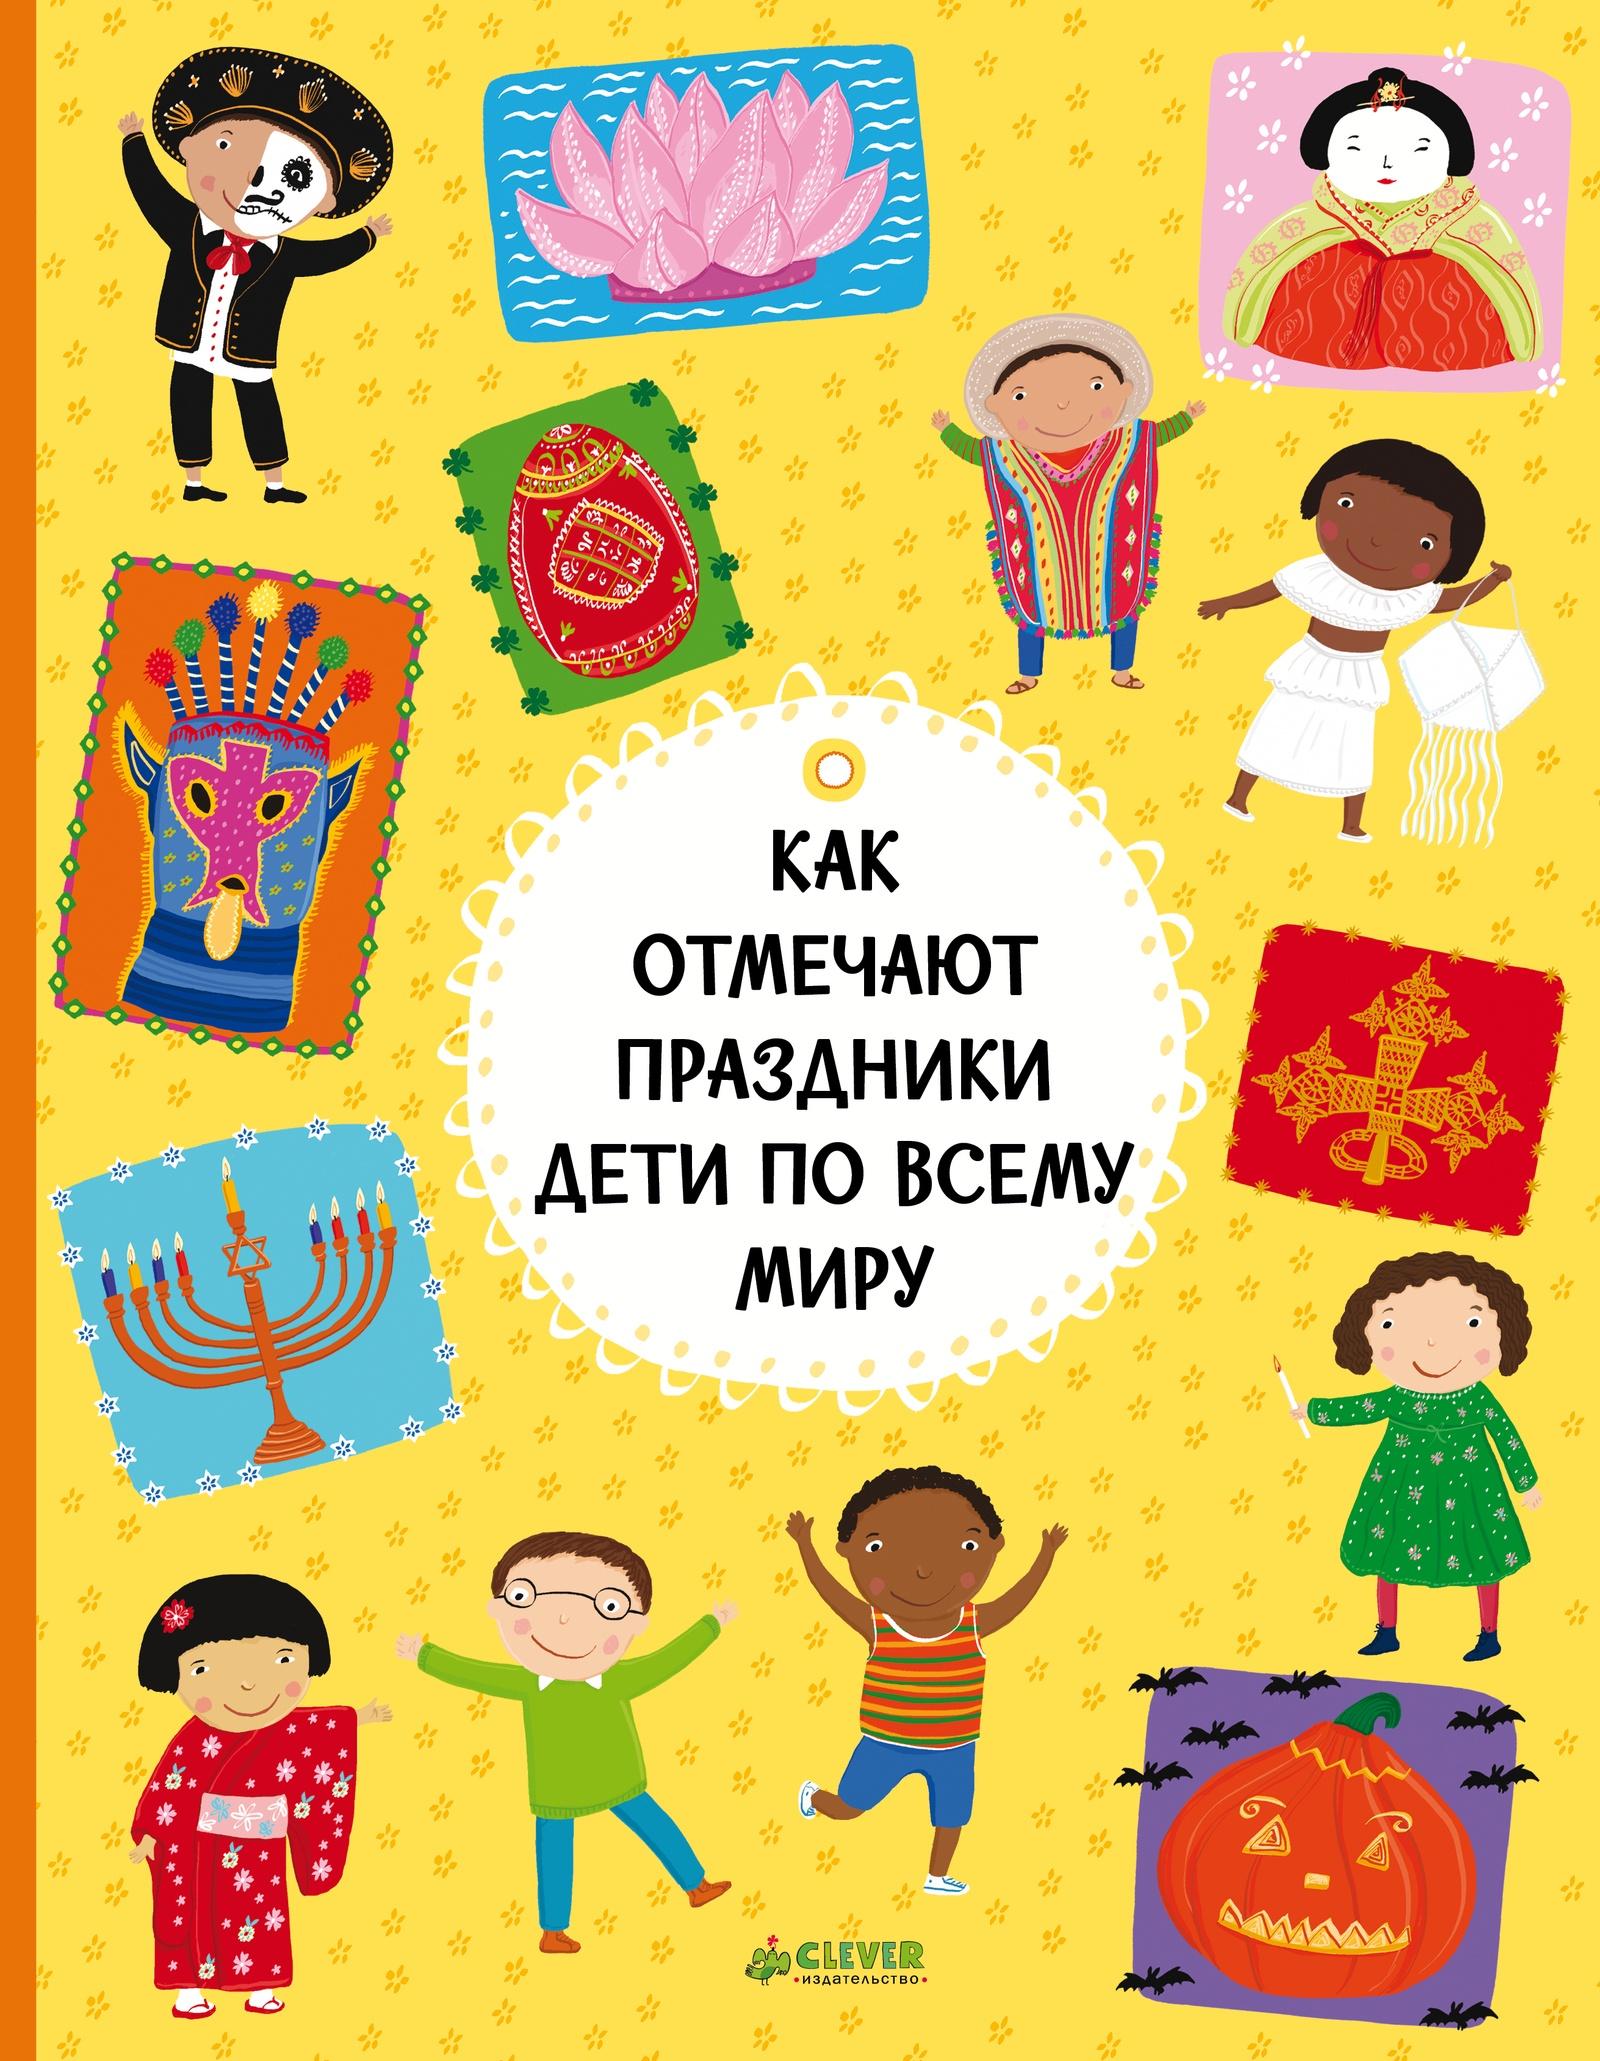 Как отмечают праздники дети по всему миру как отмечают праздники дети по всему миру